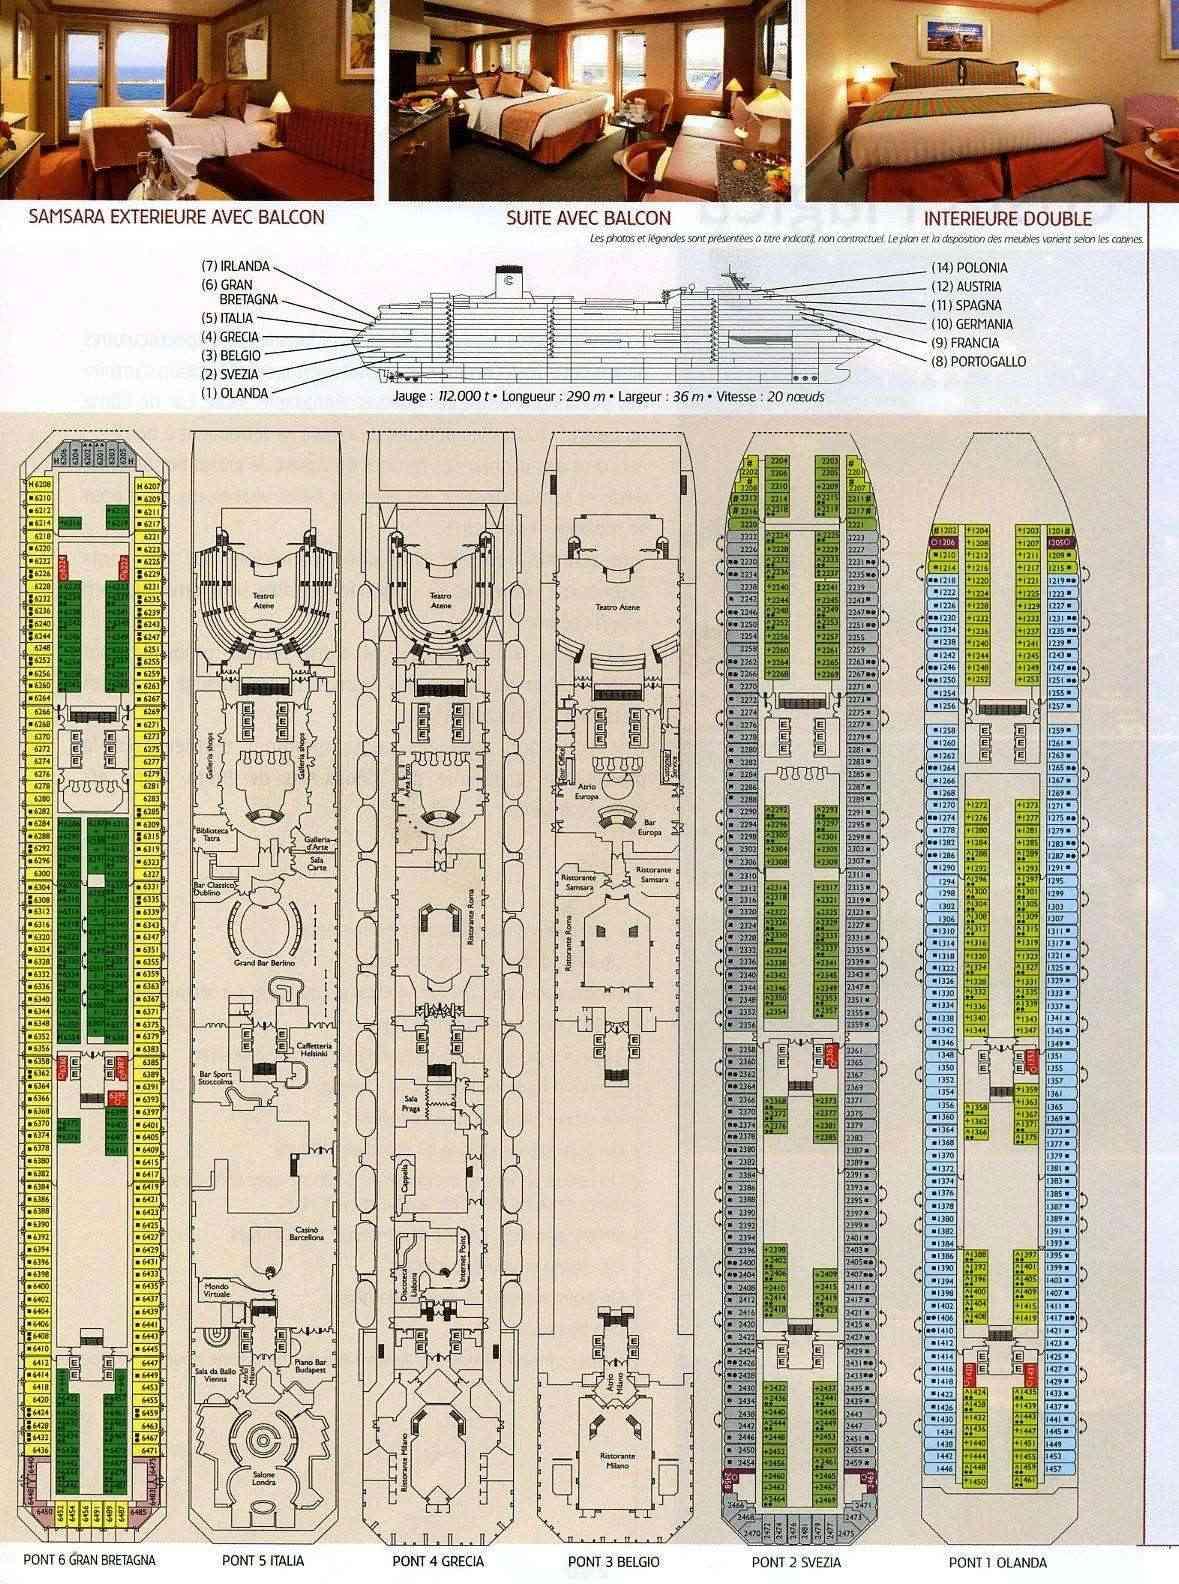 Bateau de croisière Costa coule en Toscane (Italie) - Page 2 Trajet10